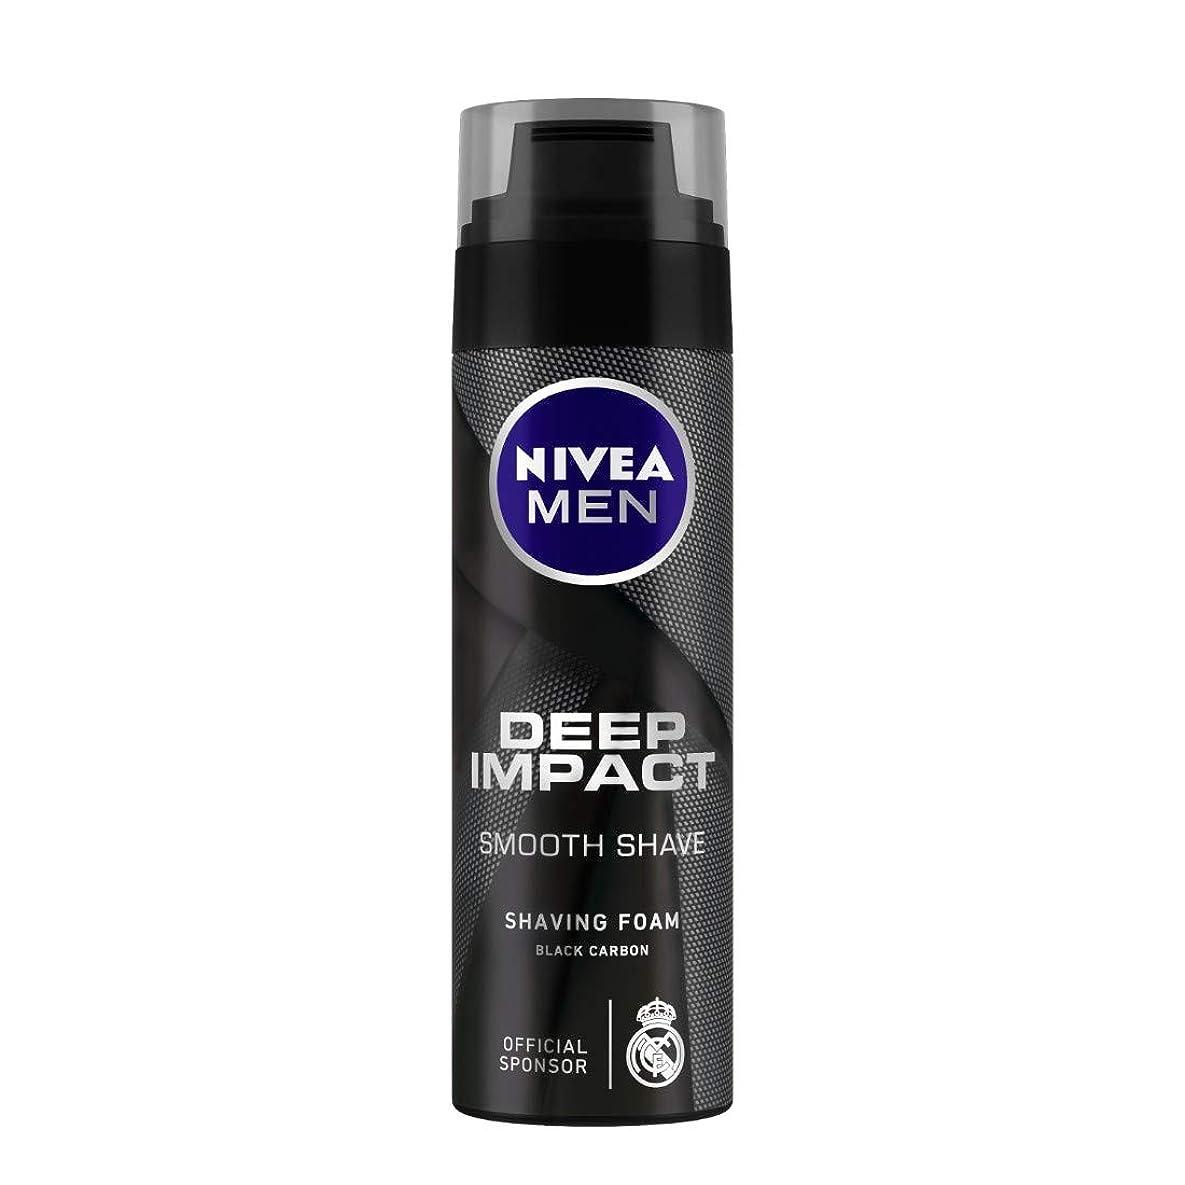 毒急速な繰り返すNIVEA MEN Shaving Foam, Deep Impact Smooth Shave, 200ml